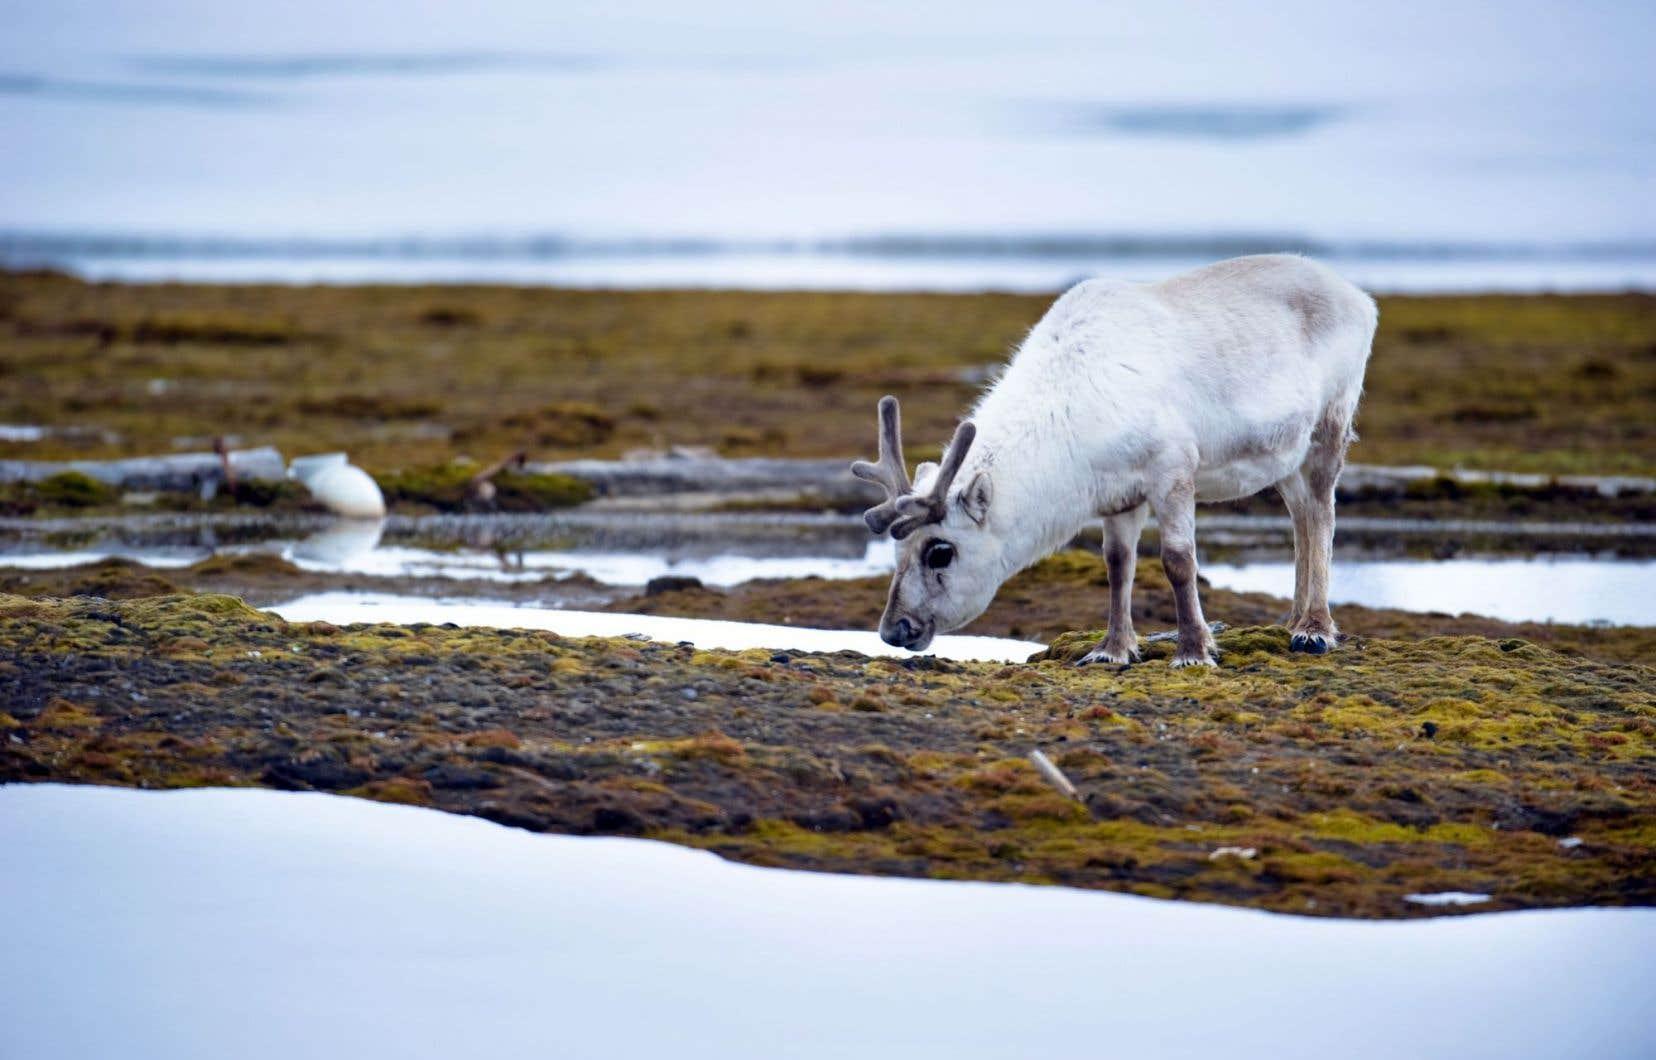 Les chercheurs ont évalué l'influence des rennes qui paissent dans la toundra arctique norvégienne sur le bilan énergétique.